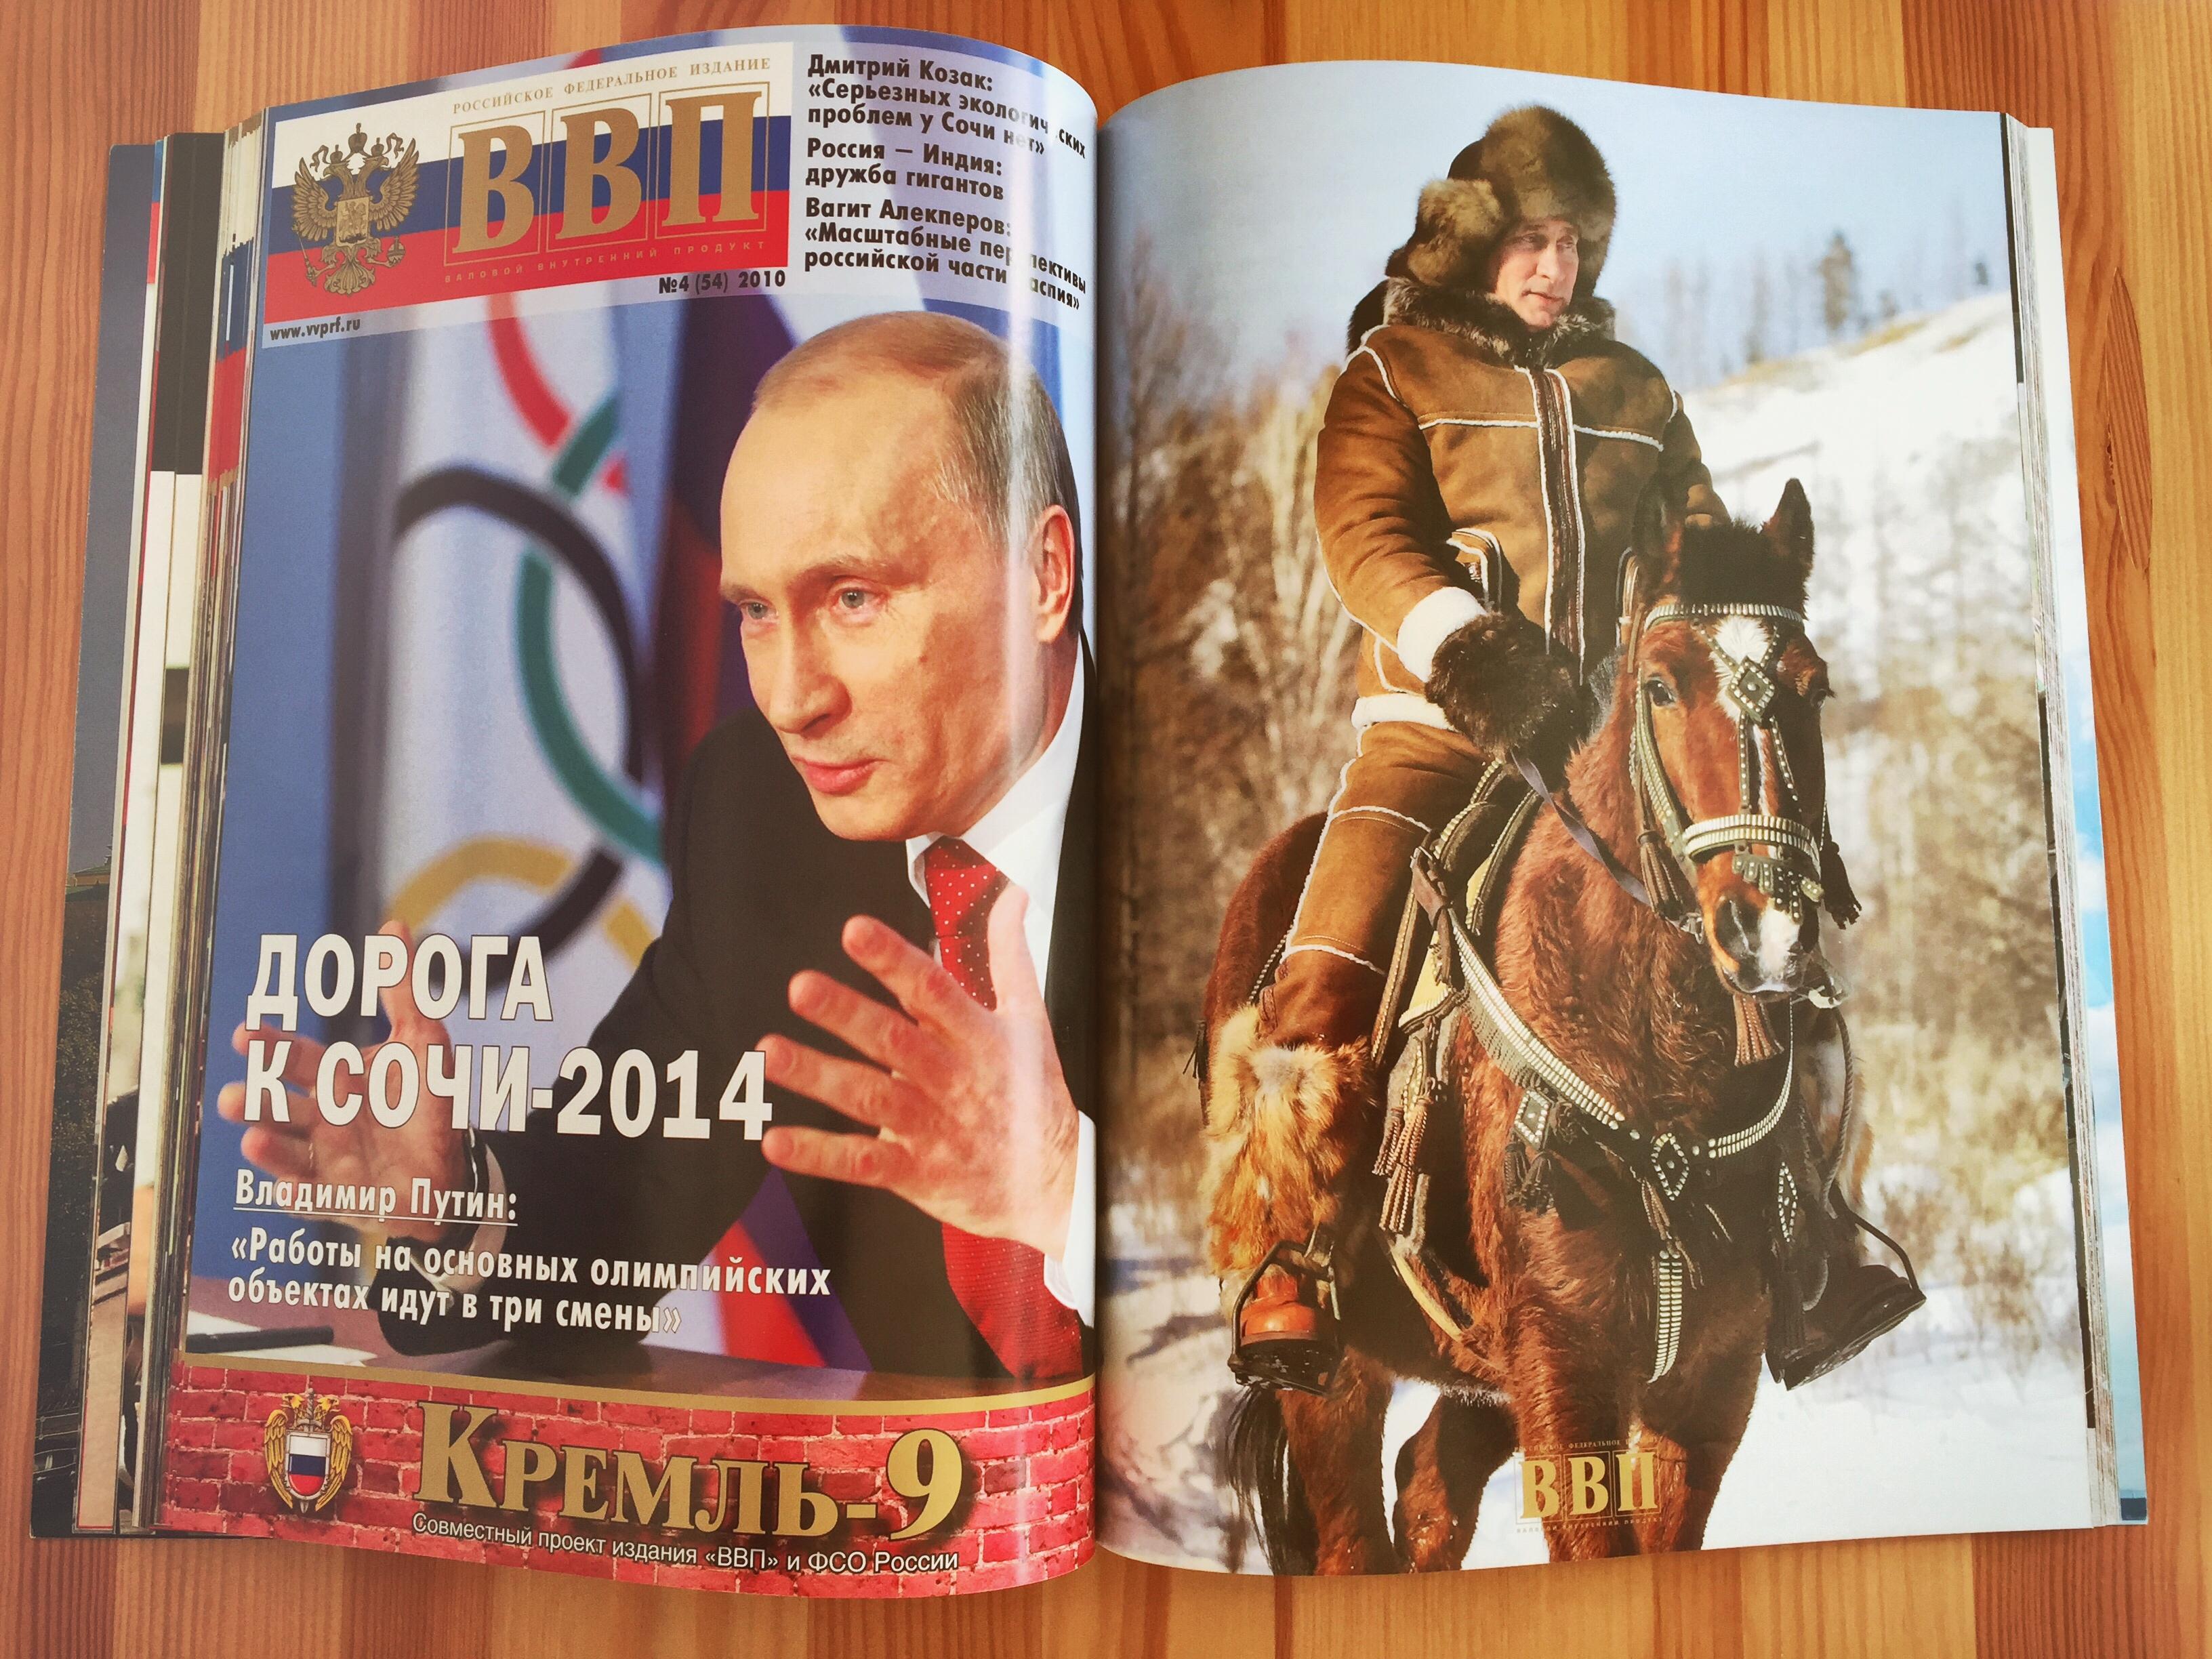 kscheib Putin der Woche Pferd Flausch